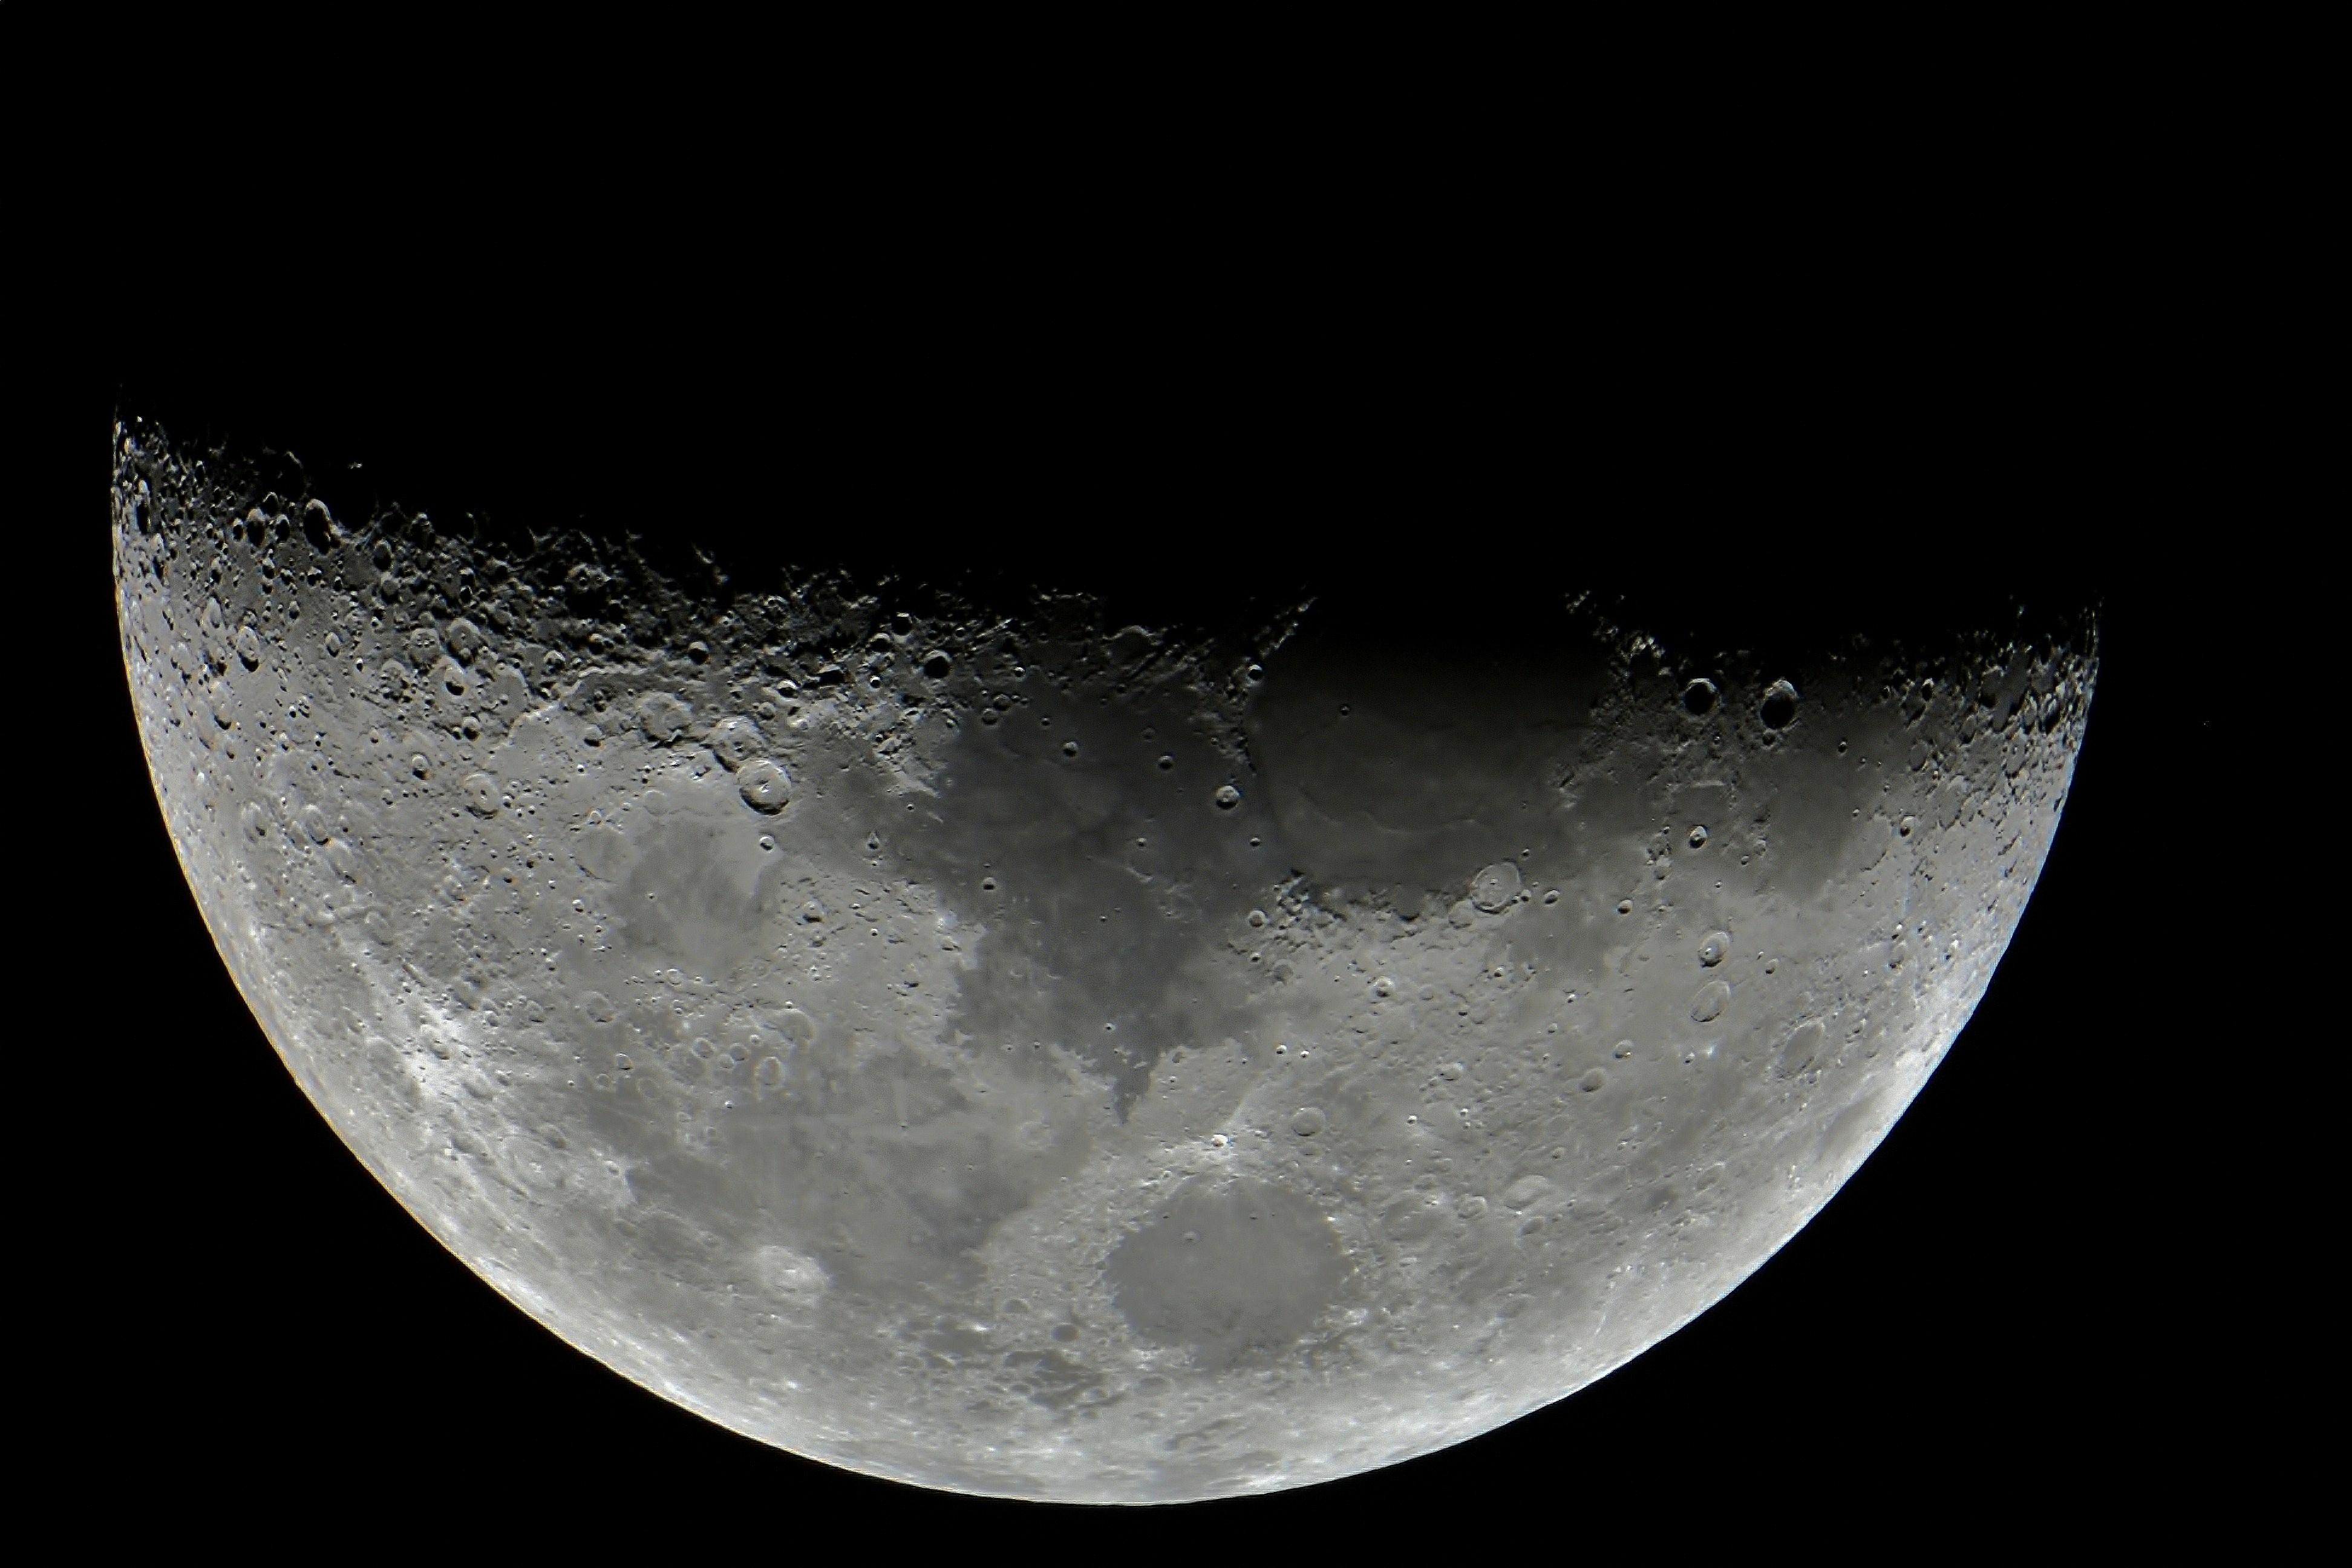 Lune du 21/11/2020